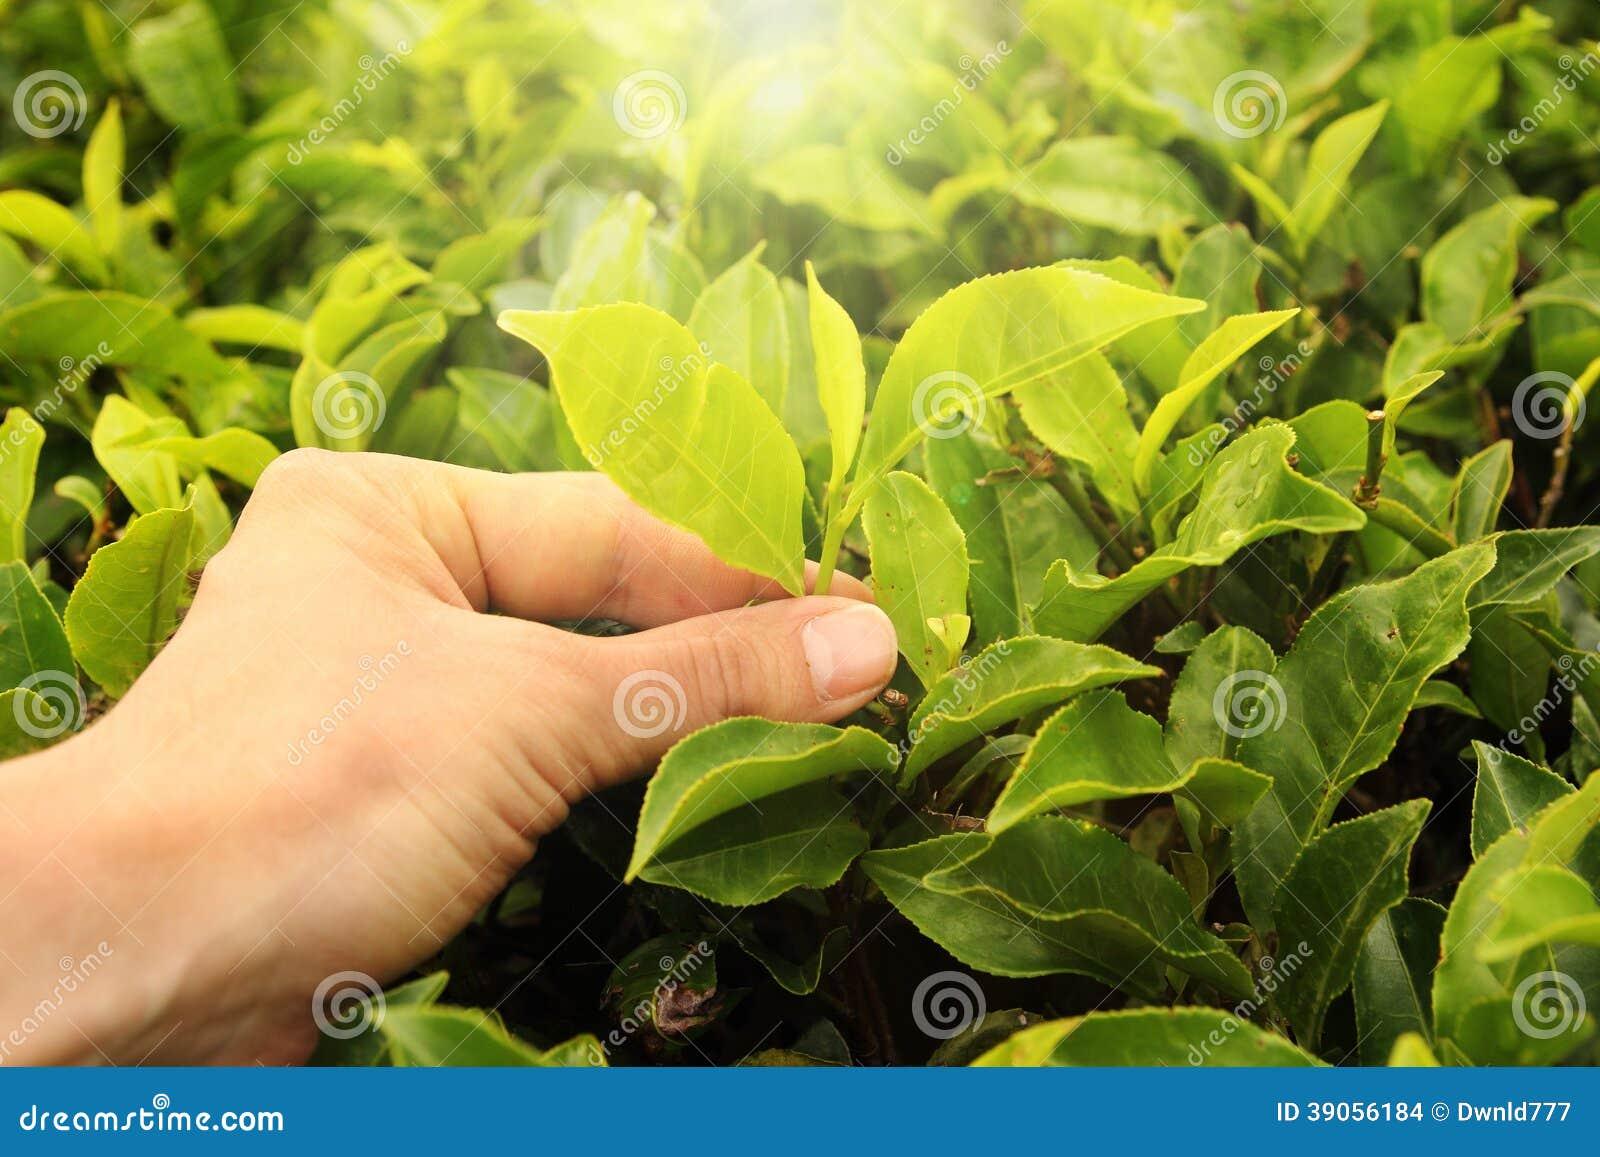 绿茶叶是绿色的吗?